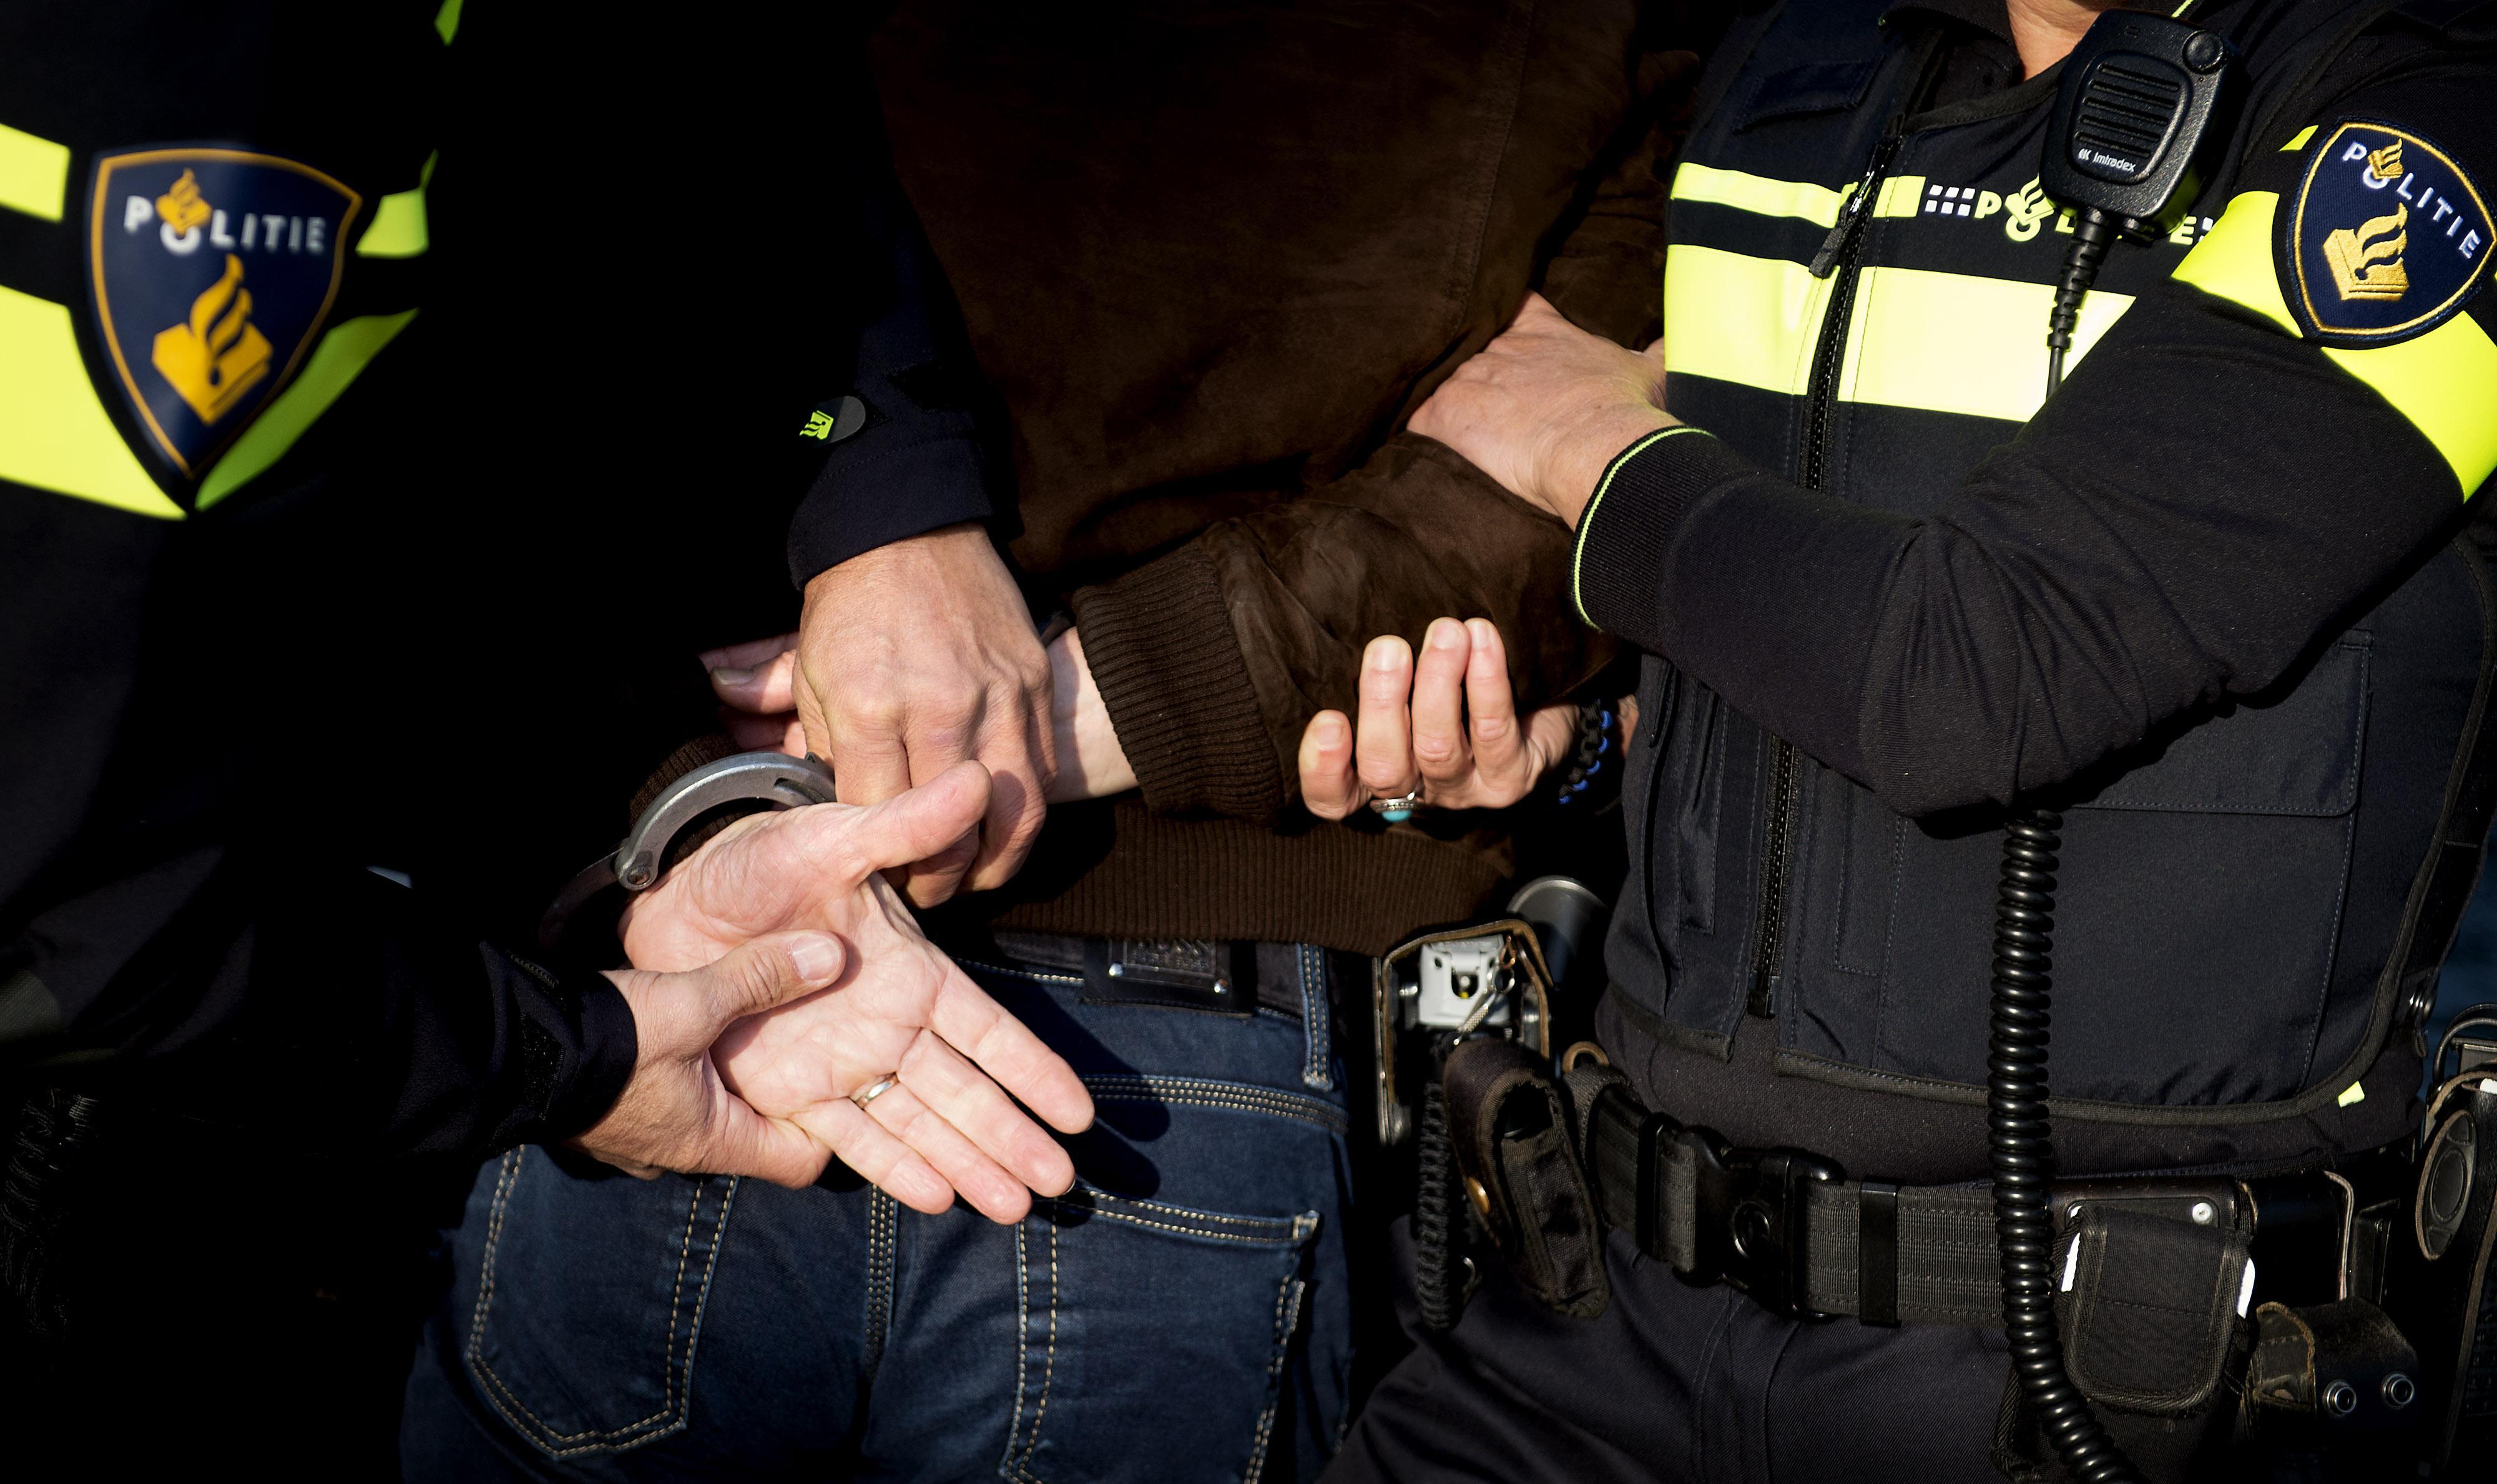 Advocatenkantoor in Heerhugowaard doelwit van aanslag: twee Alkmaarders gearresteerd, justitie legt link met verstuurde dreigbrieven